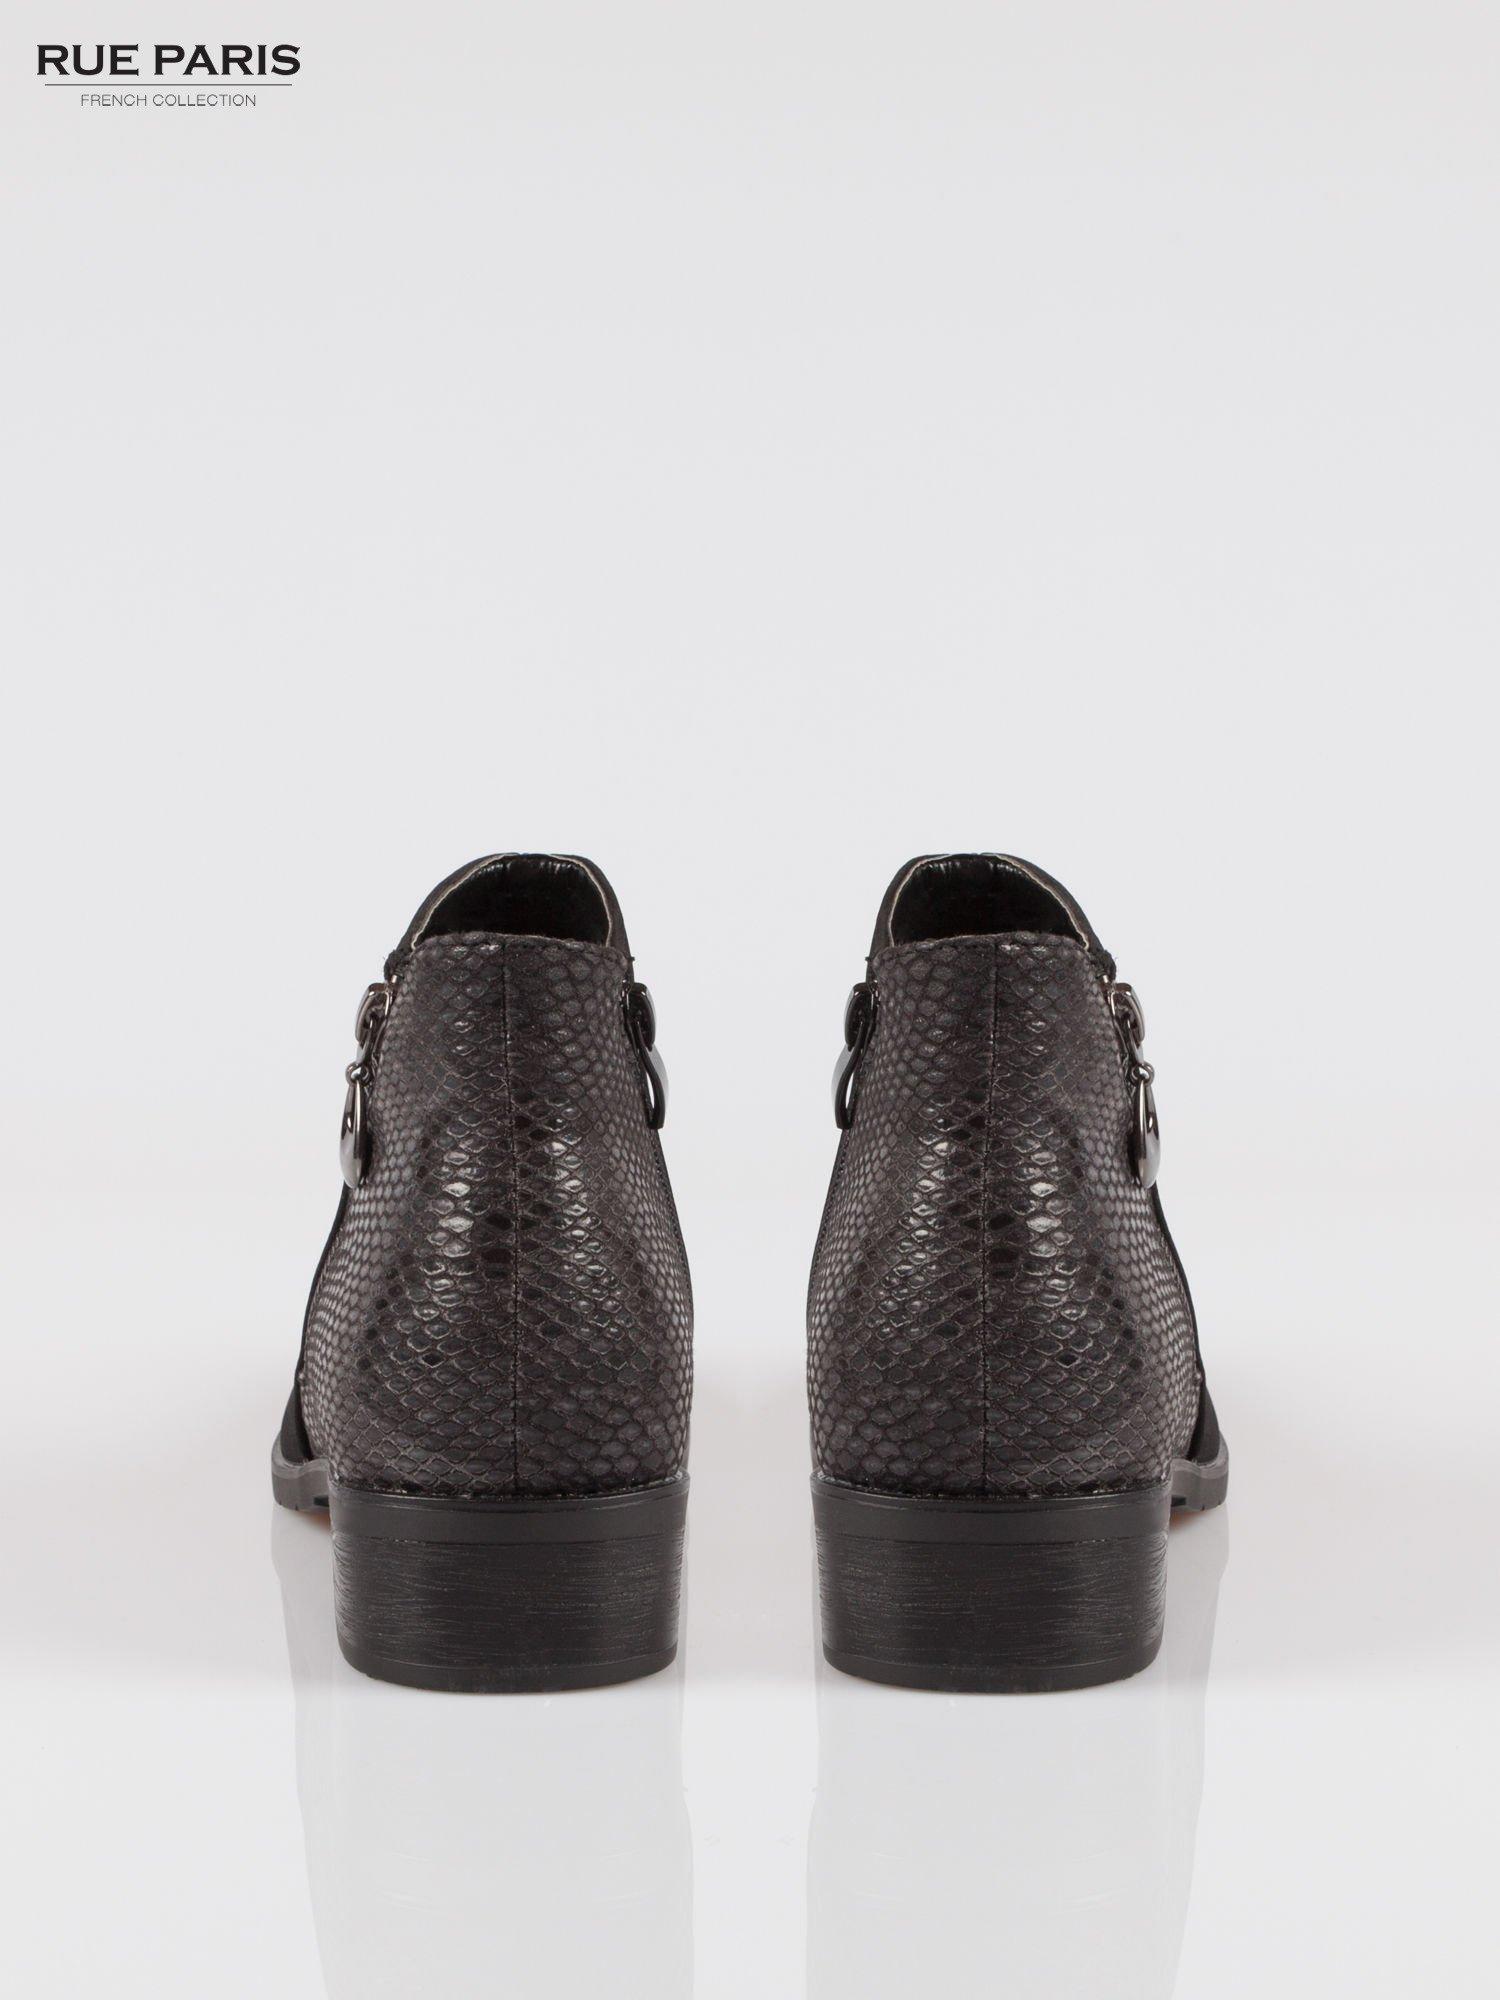 Czarne botki cap toe z nubuku z tyłem z efektem skóry krokodyla                                  zdj.                                  3